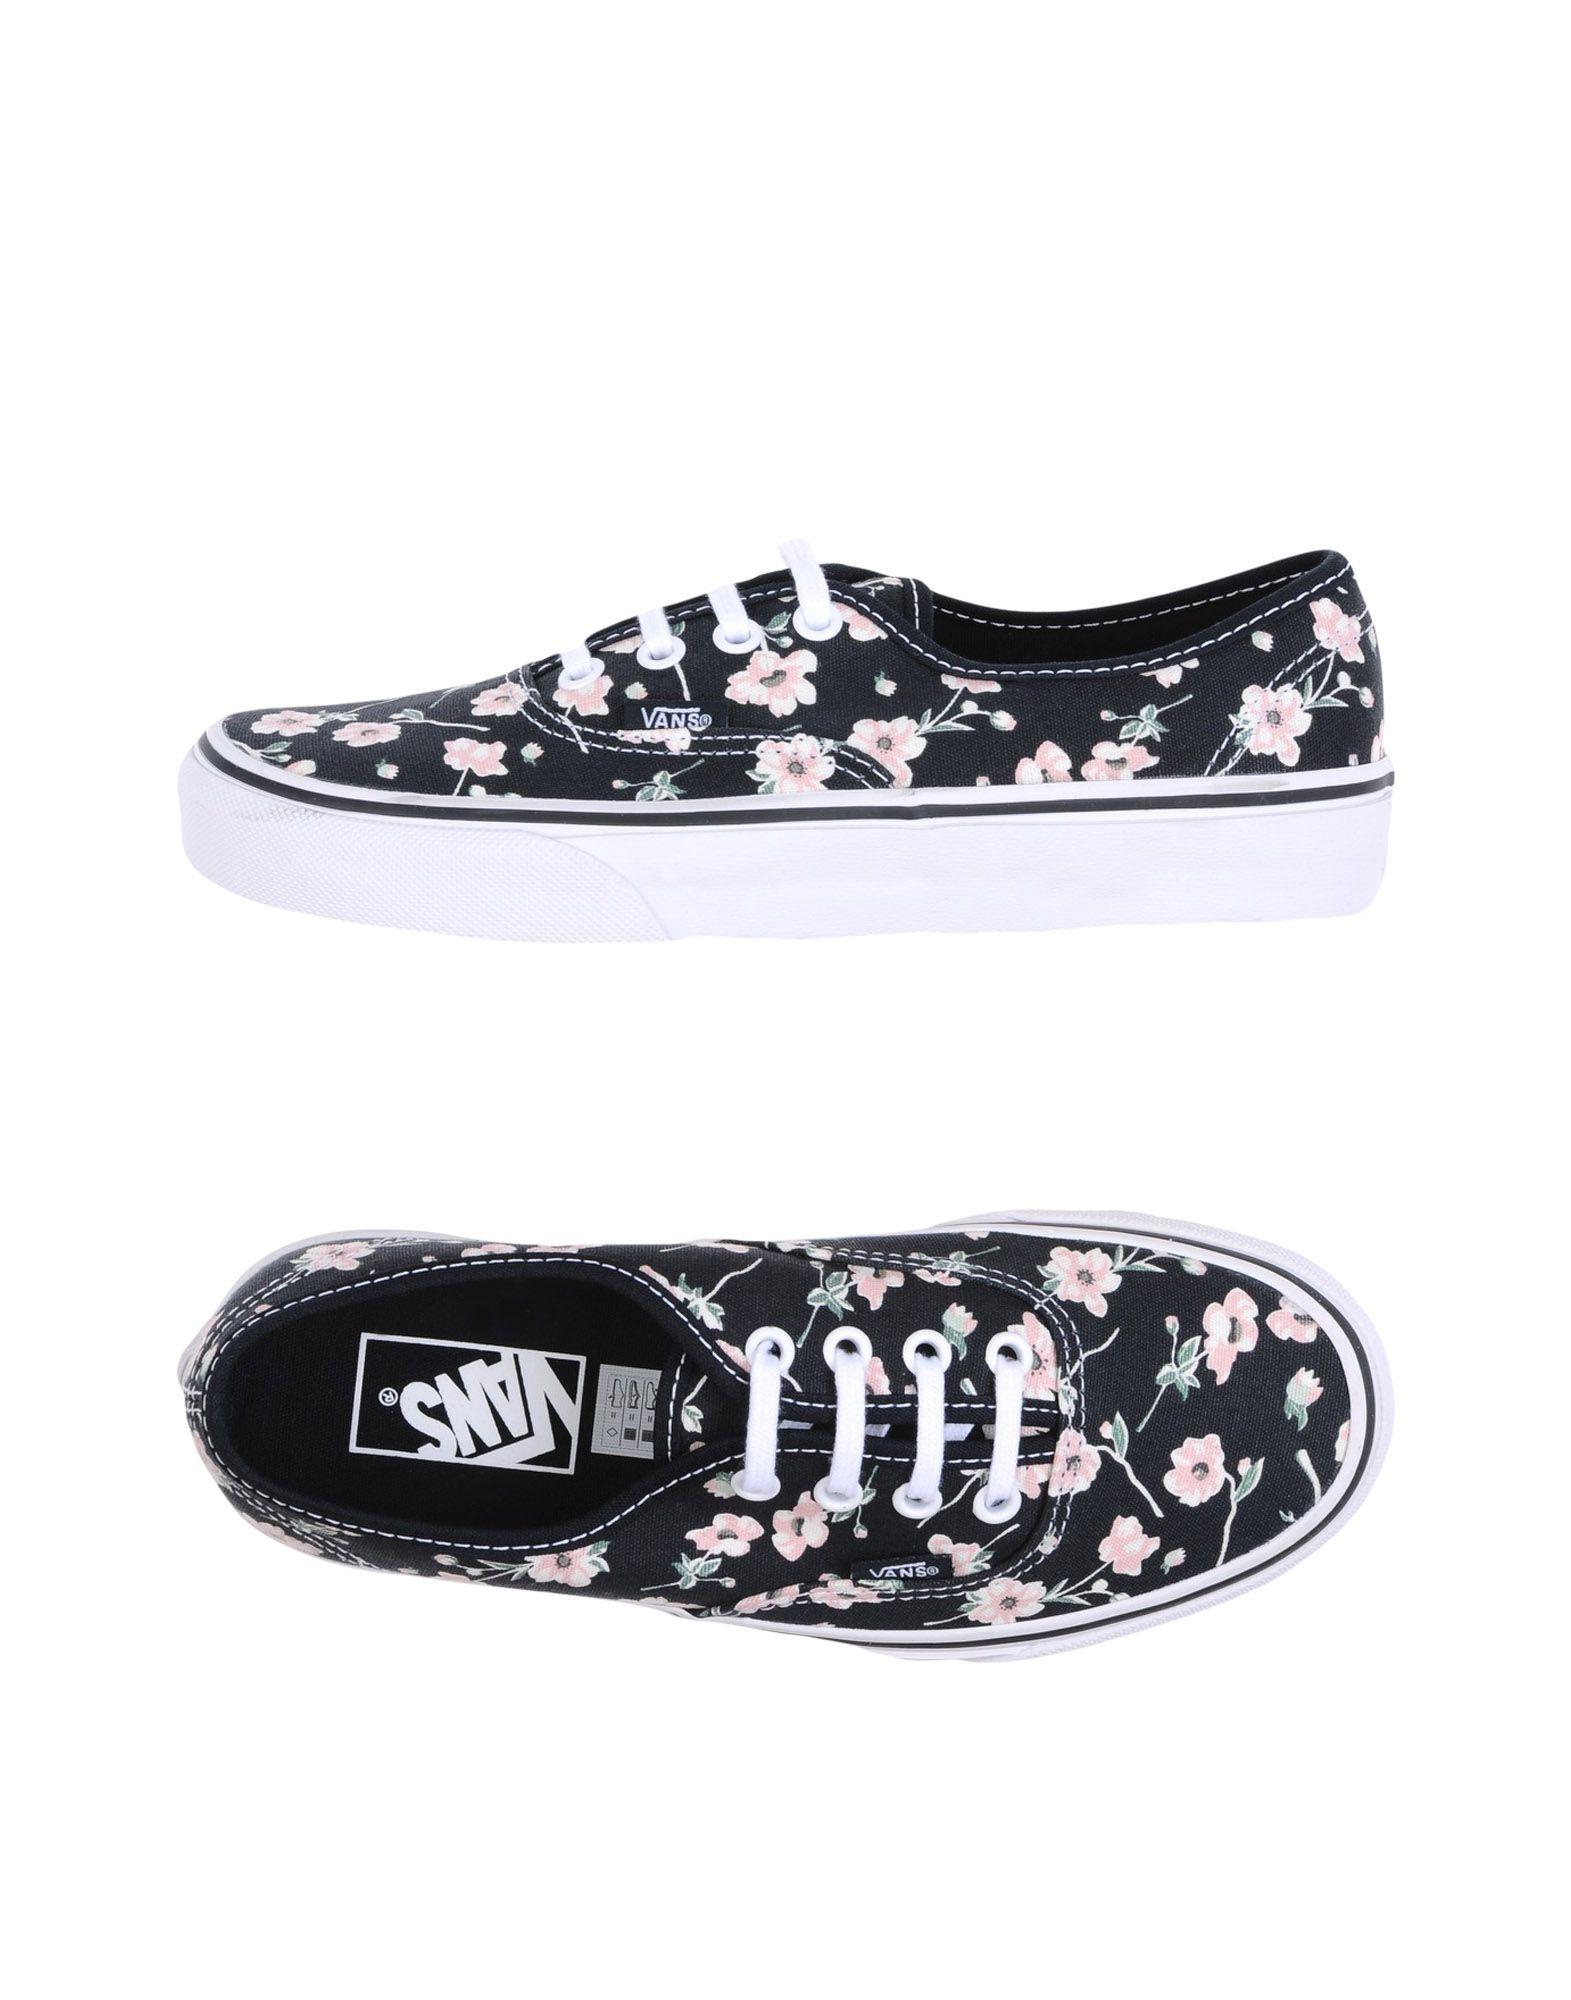 Vans Sneakers Qualität Damen  11278646QV Gute Qualität Sneakers beliebte Schuhe a63bbb